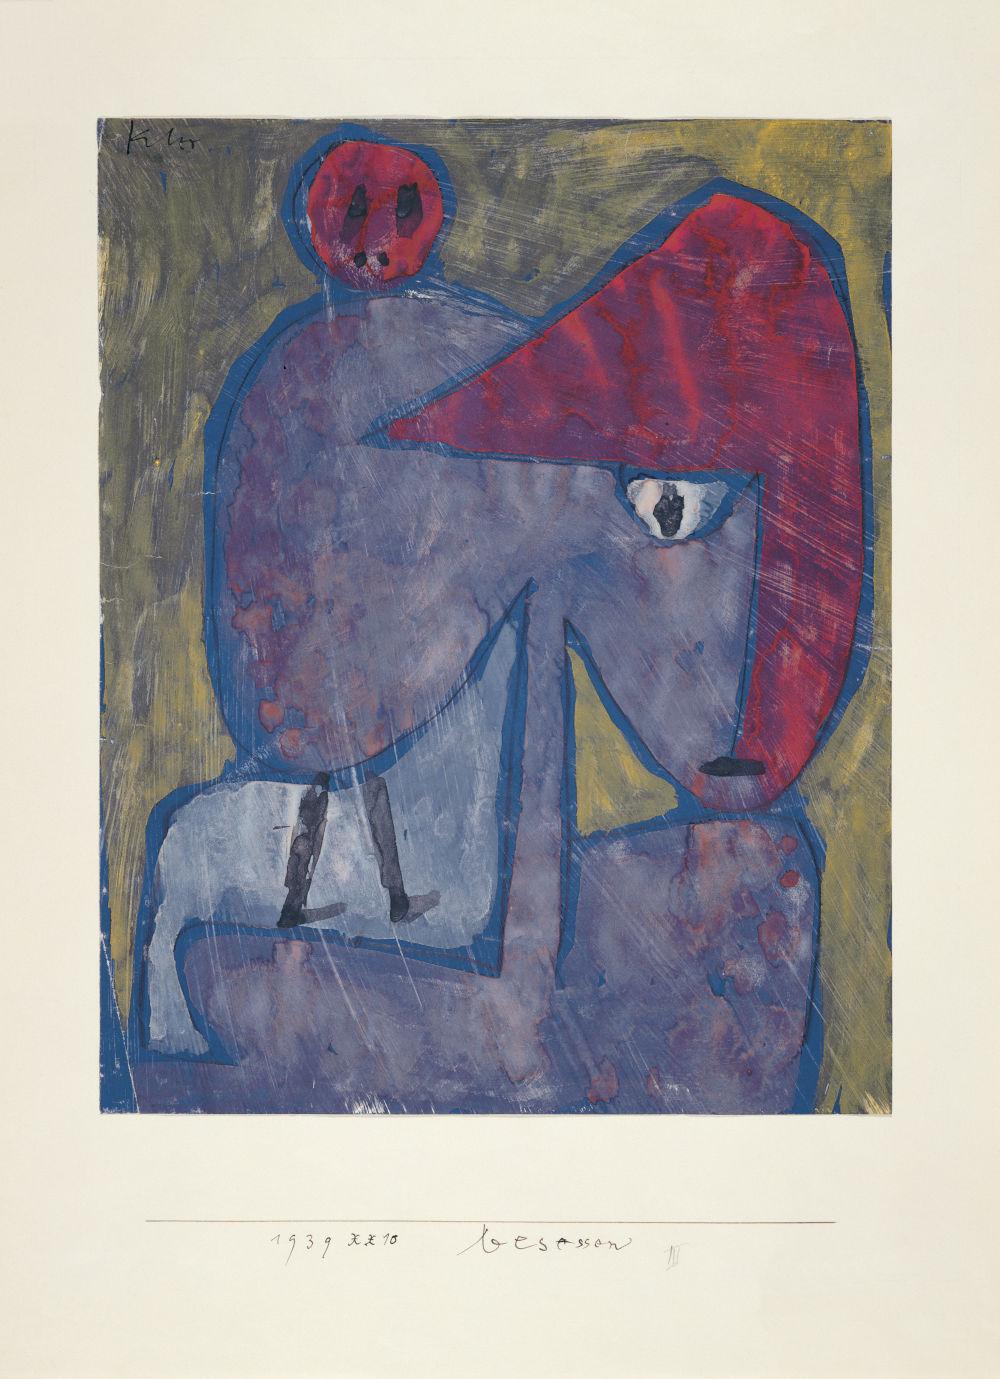 Paul Klee Besessen Possessed 1939